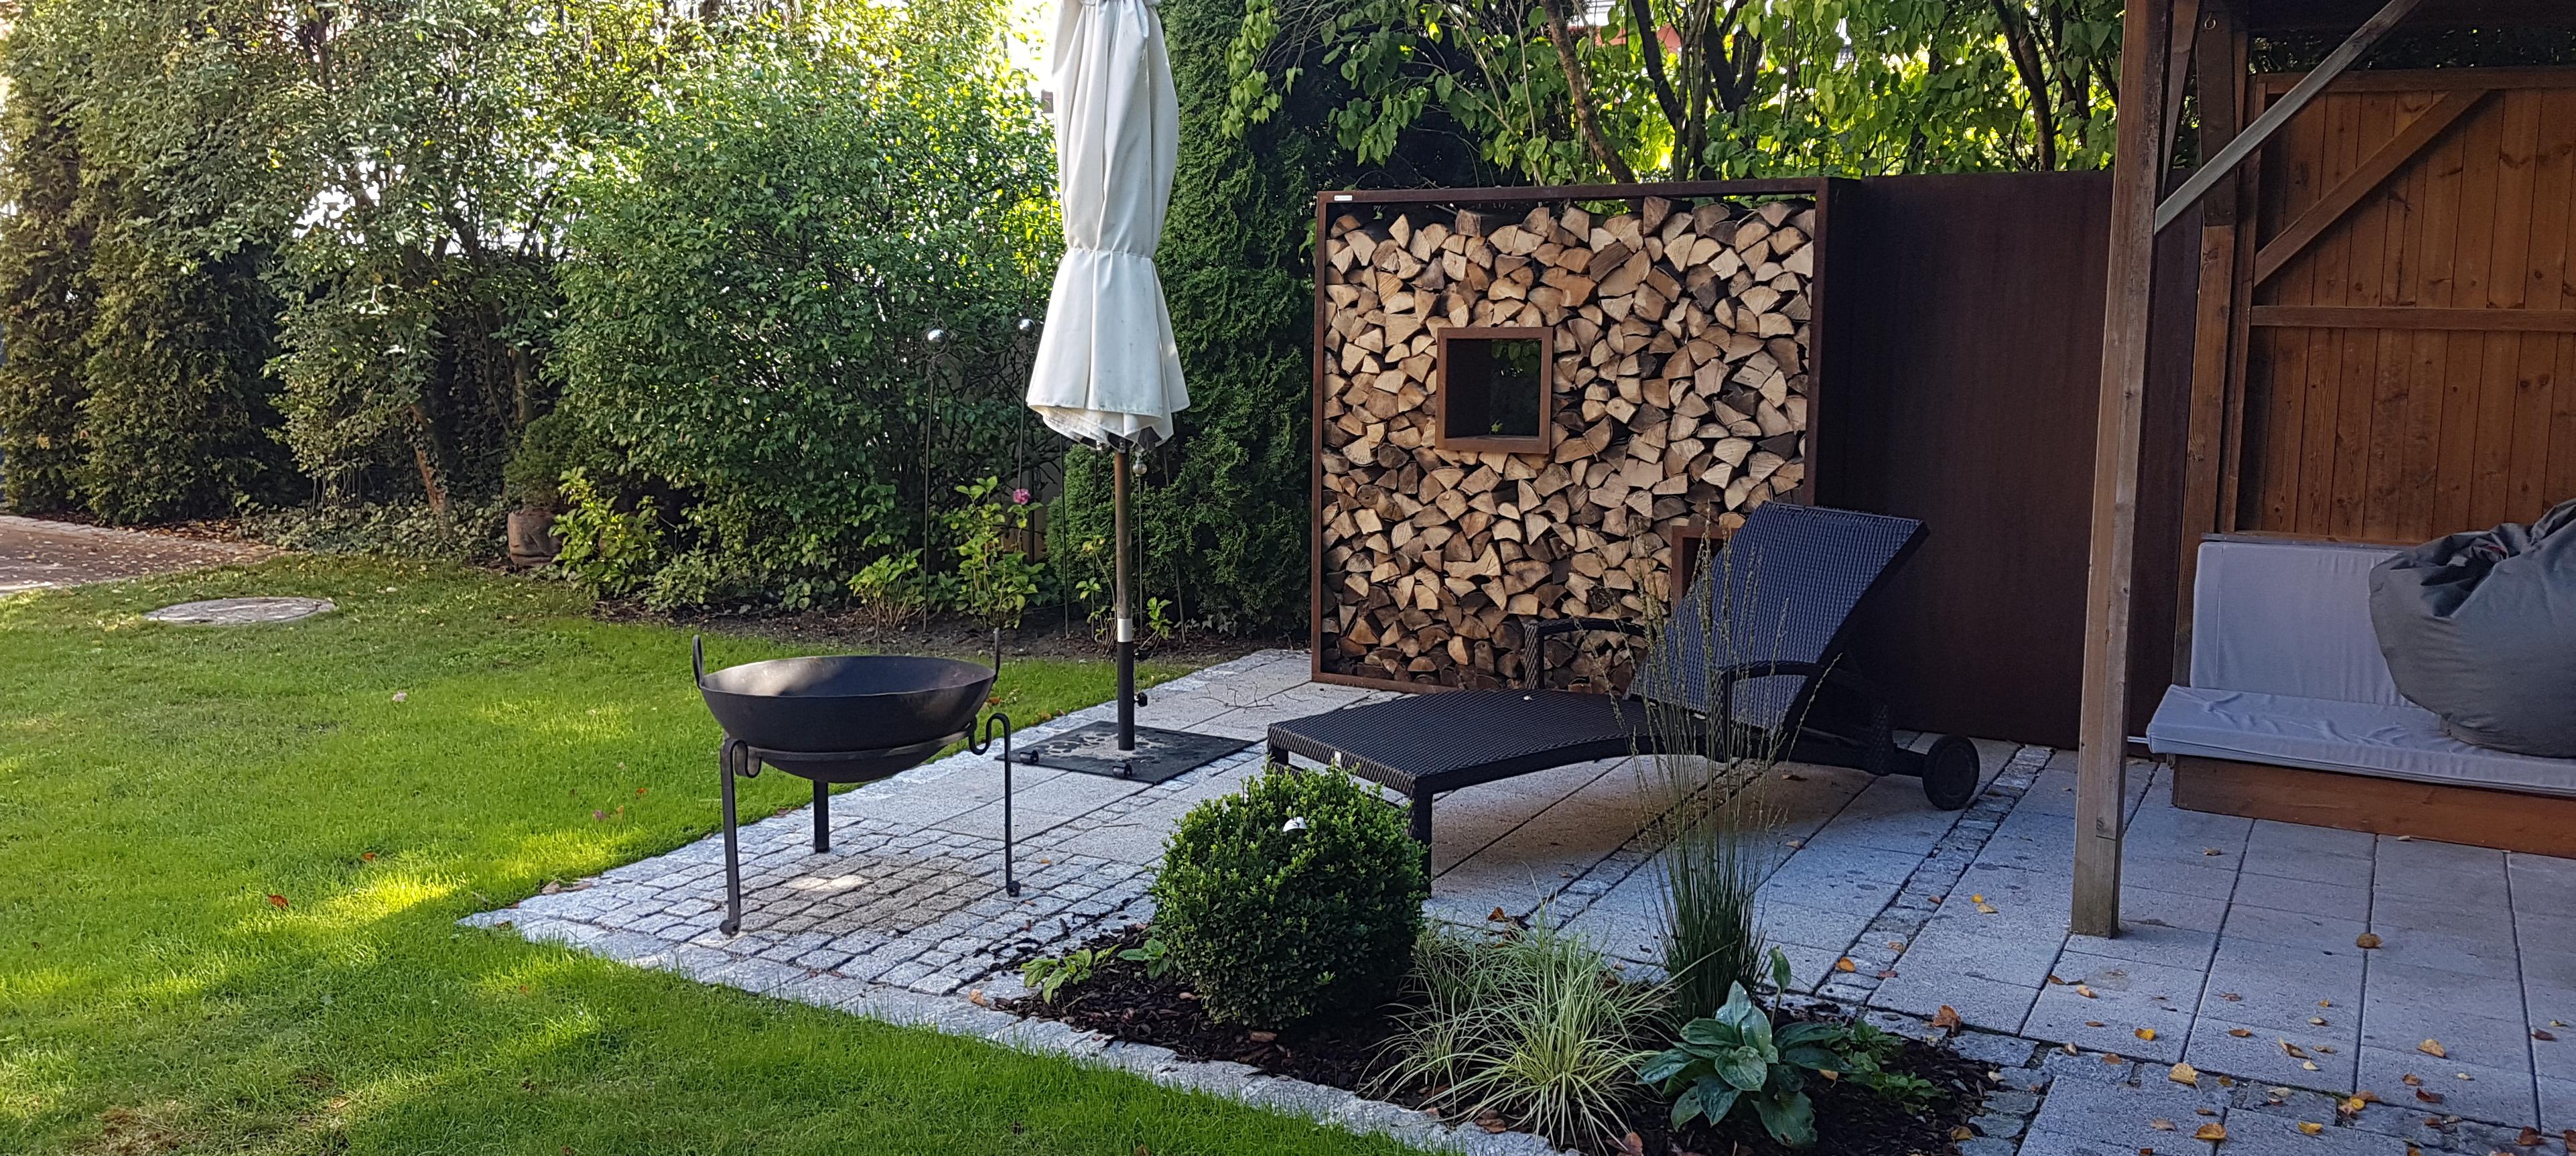 Sitzplatz mit Holzregal und Feuerschale